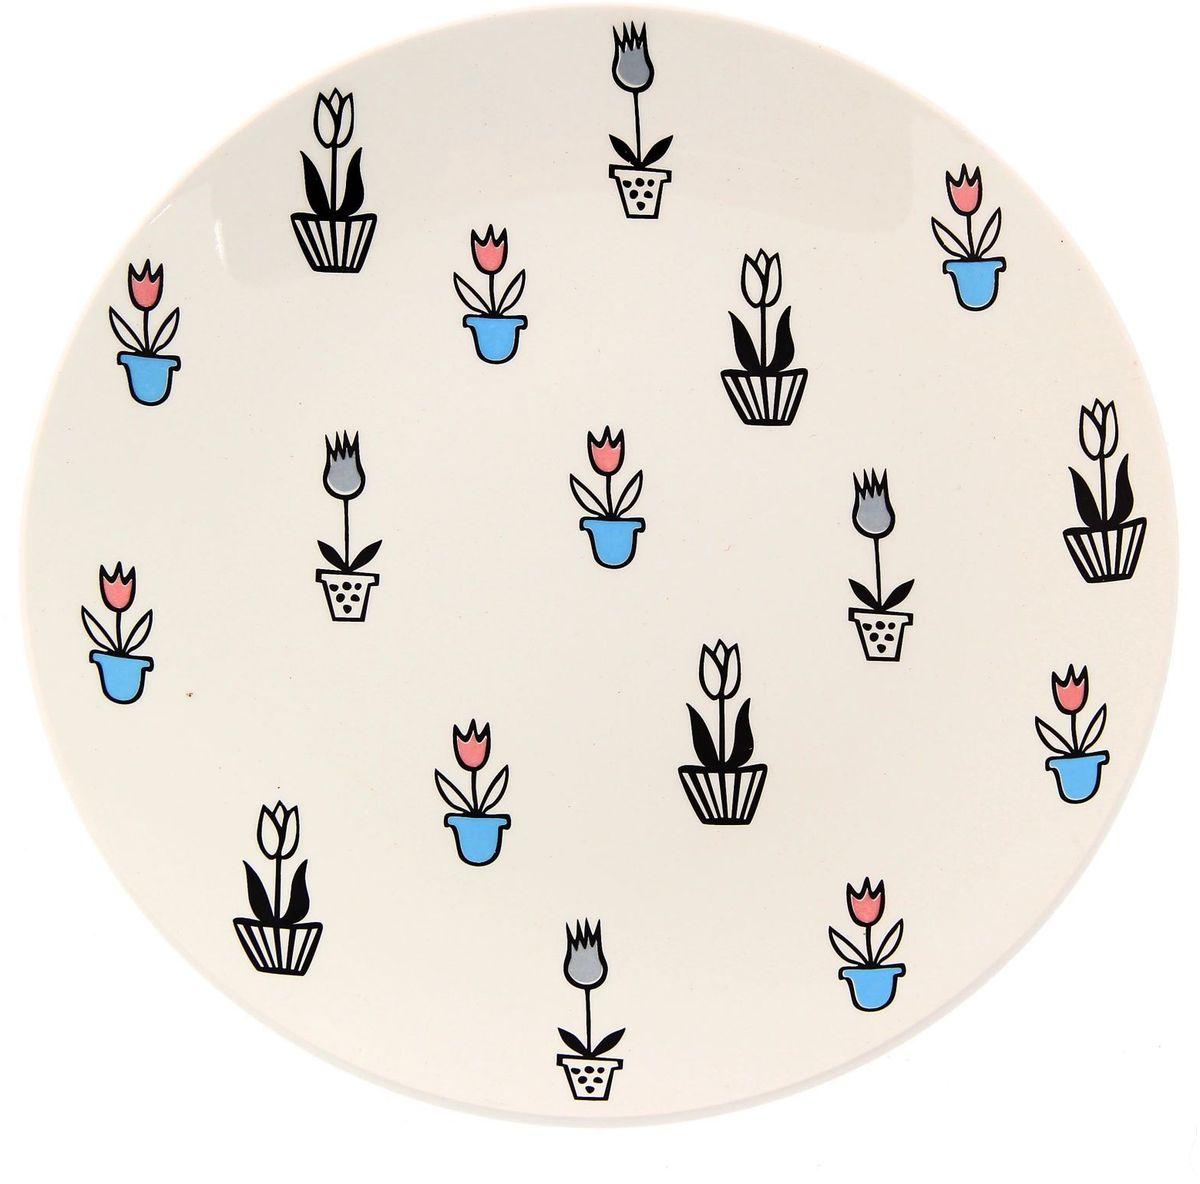 Тарелка Сотвори чудо Тюльпаны, диаметр 22 см2277895Хотите обновить интерьер кухни или гостиной? Устраиваете необычную фотосессию или тематический праздник? А может, просто ищете подарок для близкого человека? Посуда « Сотвори Чудо» — правильный выбор в любой ситуации. Её достоинства: изящный фаянс нежного сливочного цвета; стойкость краски; пригодность для посудомоечных машин.